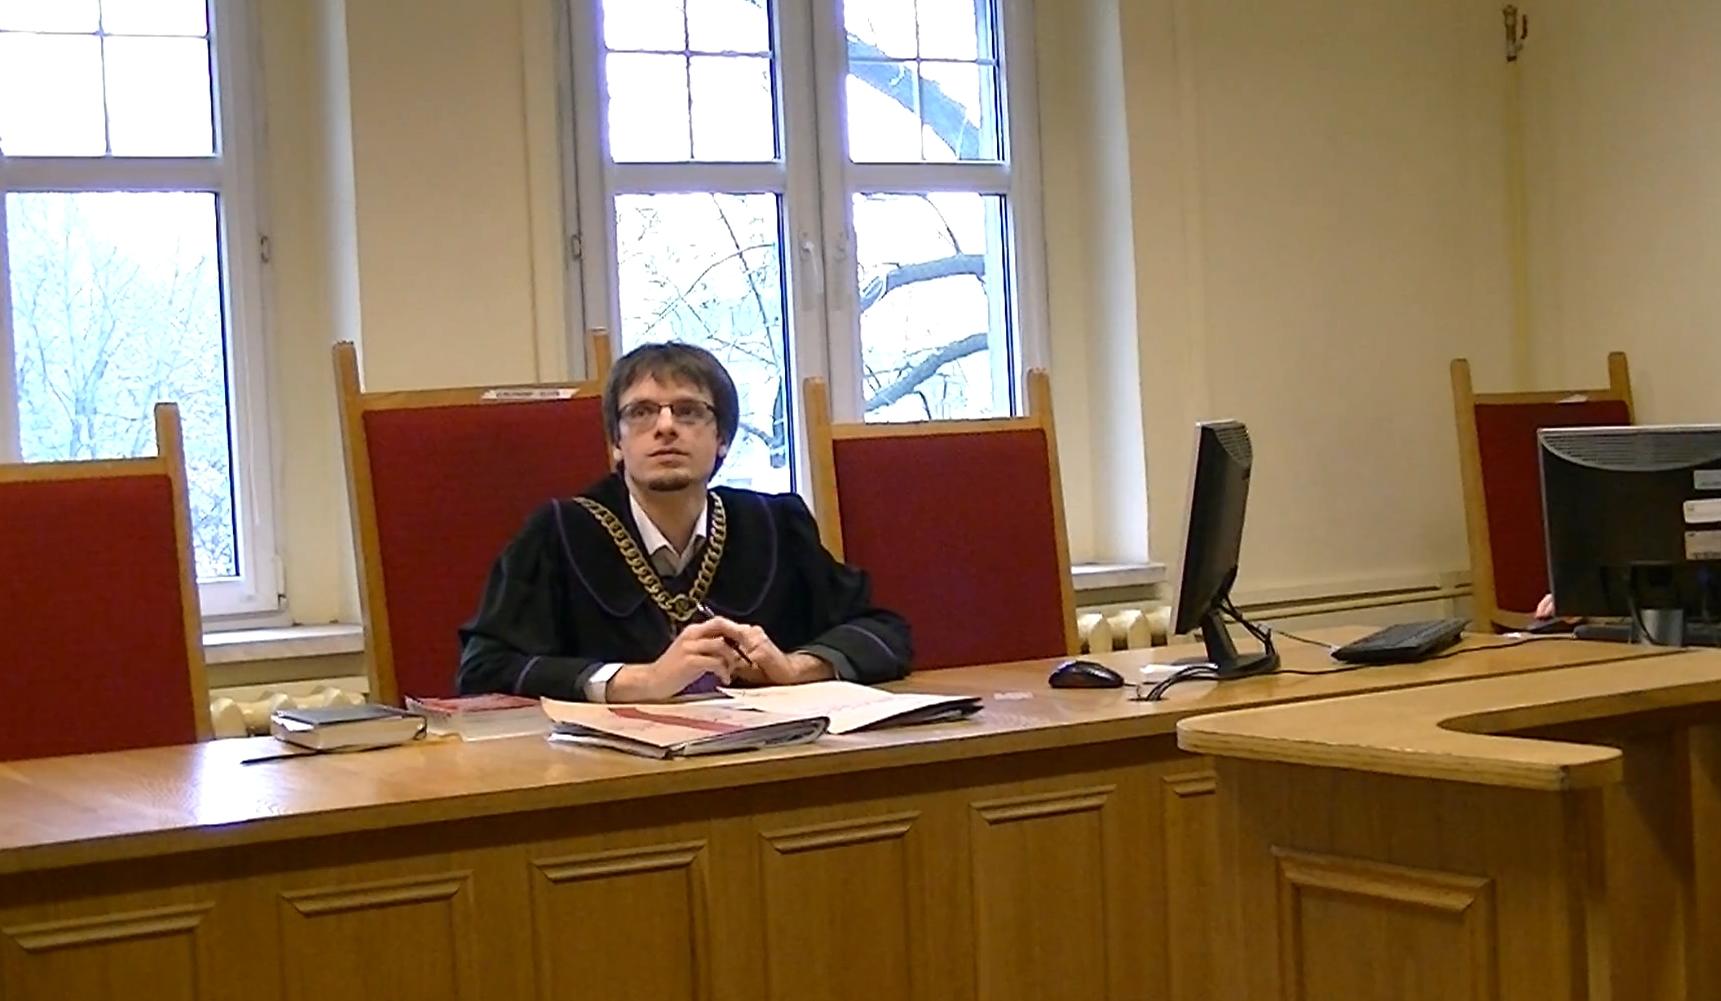 WOLNY CZYN: Prokuratura w Katowicach pod sąd